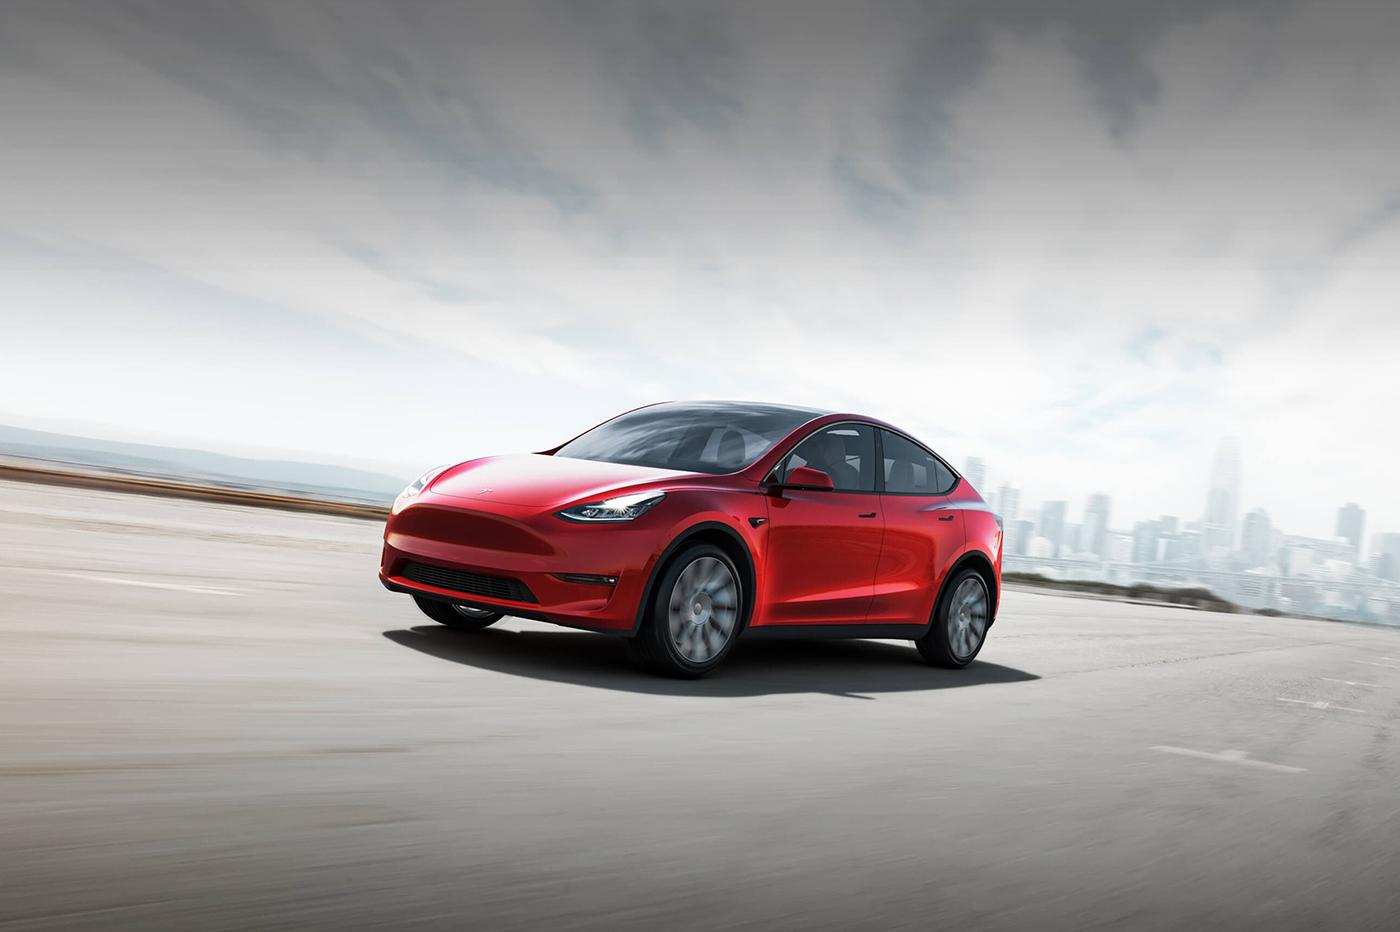 La Tesla Model Y devrait arriver plus tôt que prévu